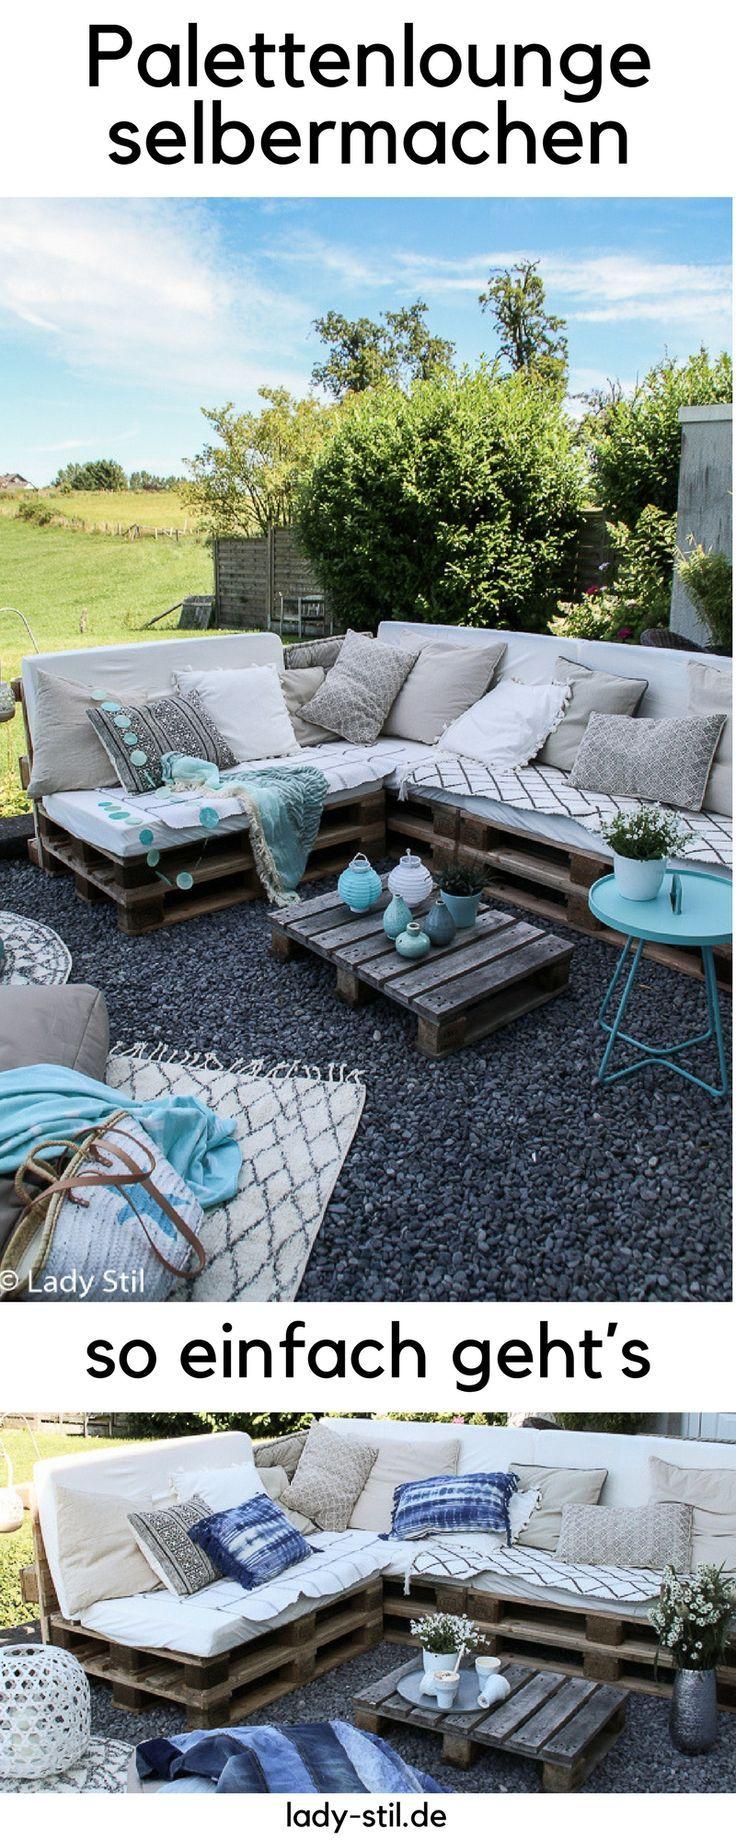 diy palettenlounge selberbauen so wird s gemacht. Black Bedroom Furniture Sets. Home Design Ideas